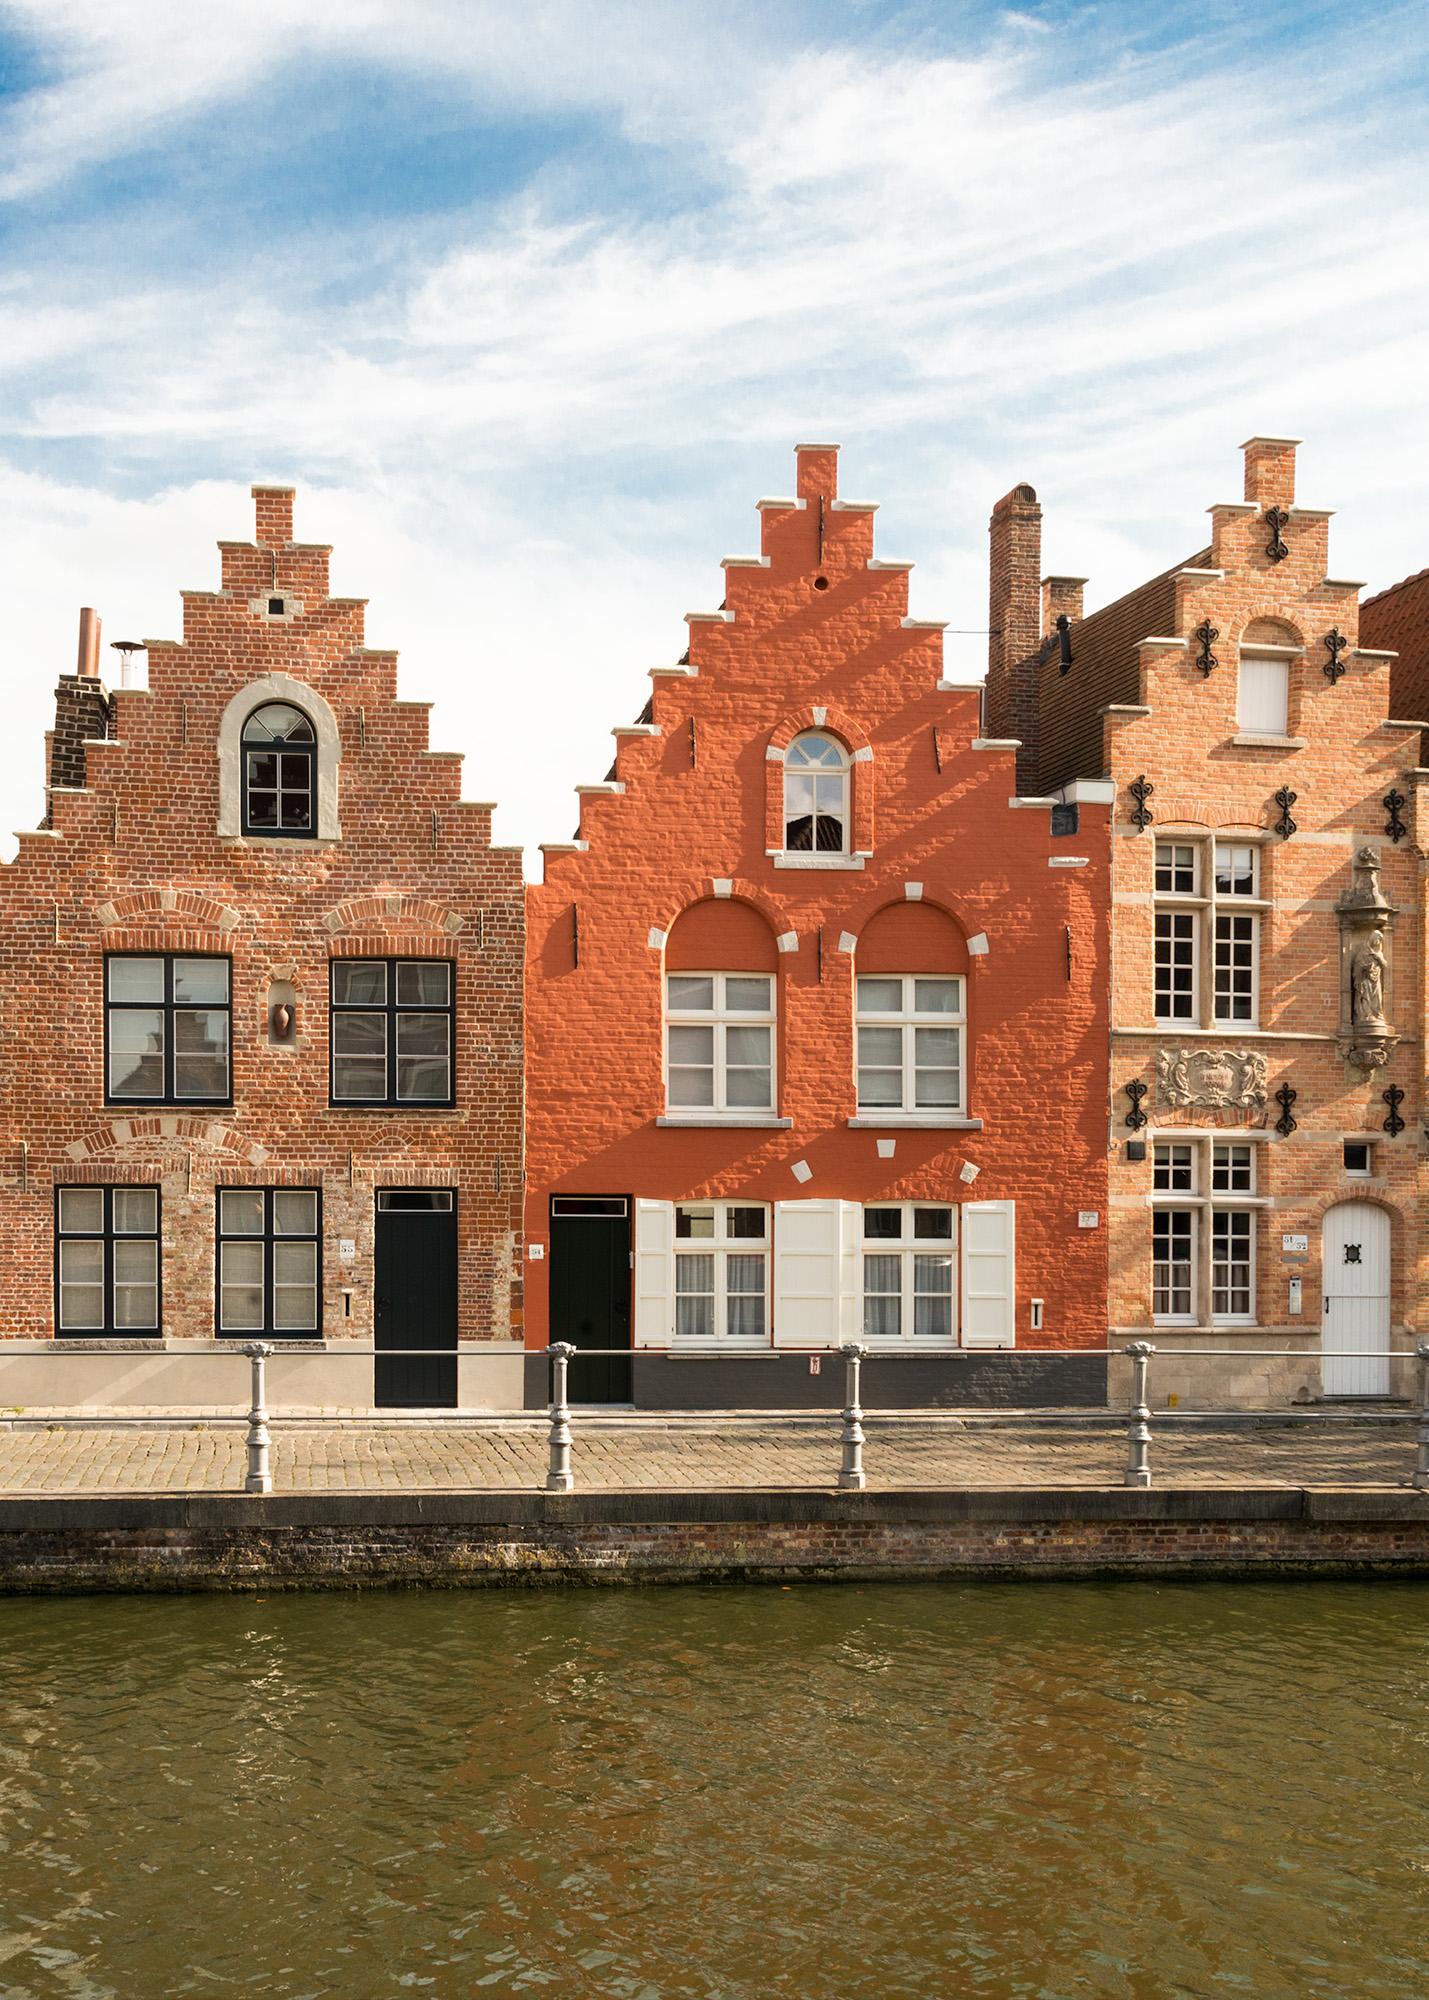 Brugges-6064v 2 wb.jpg